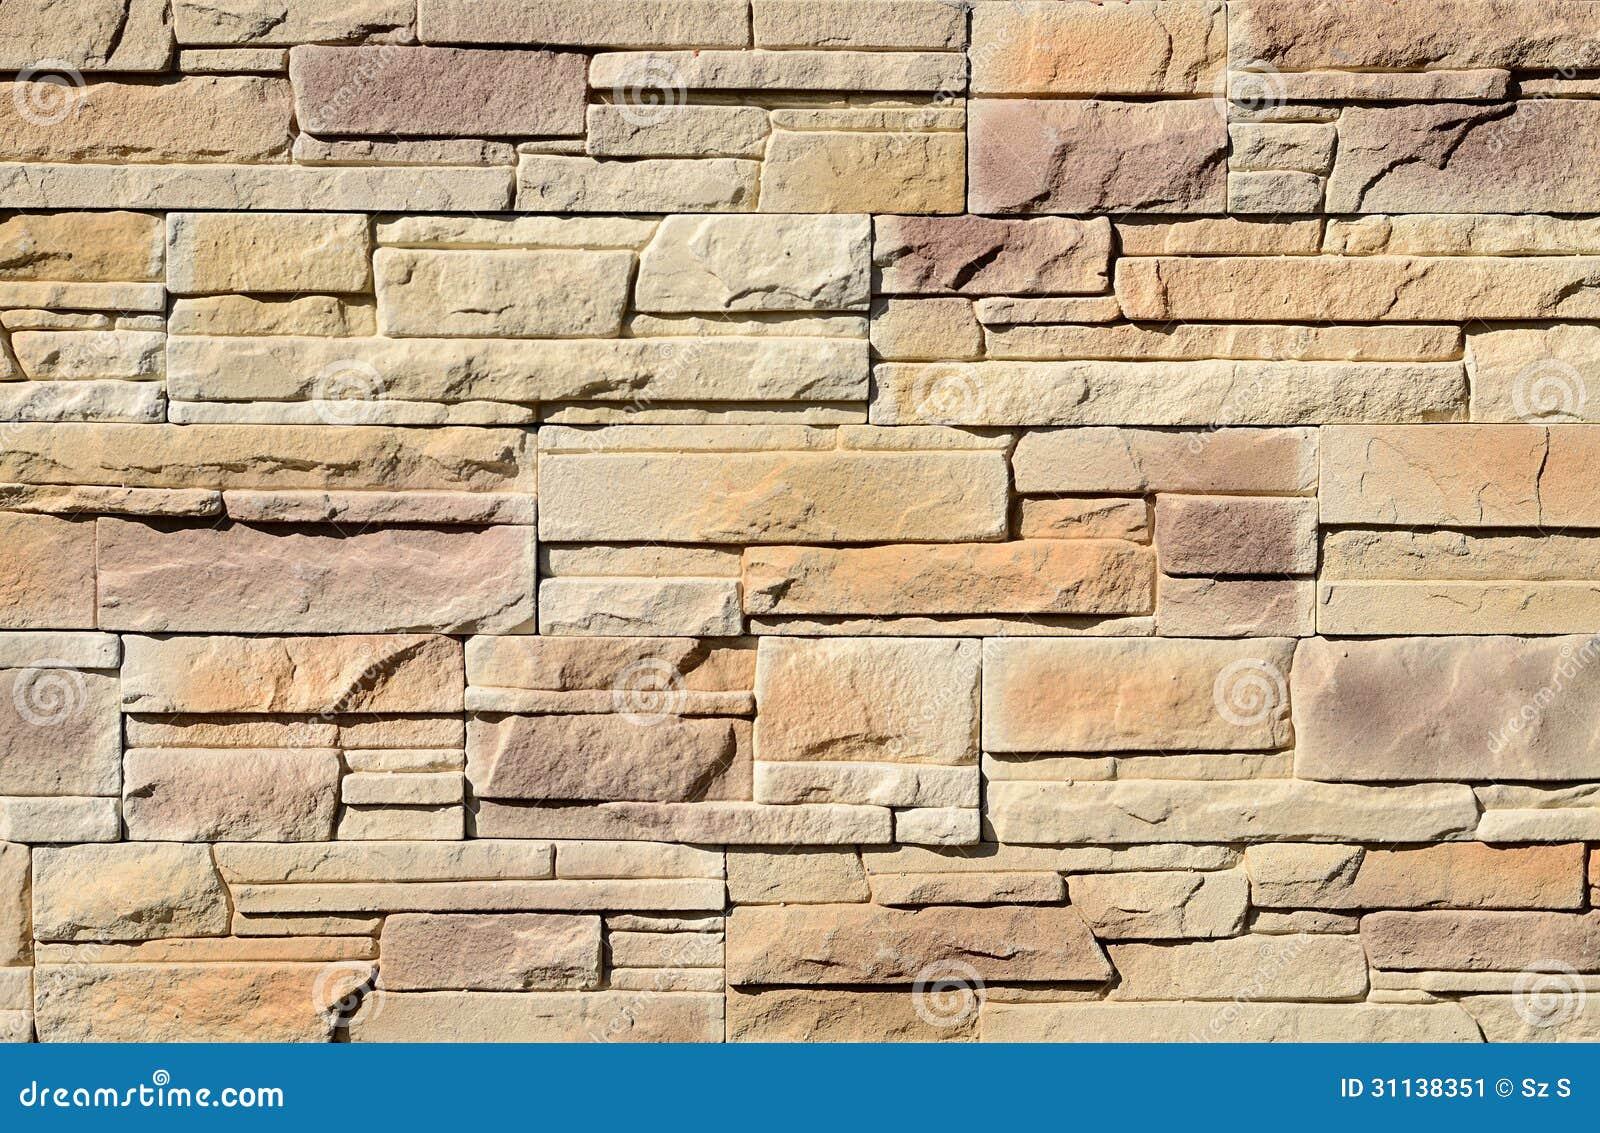 textura del fondo de la pared de piedra - Pared Piedra